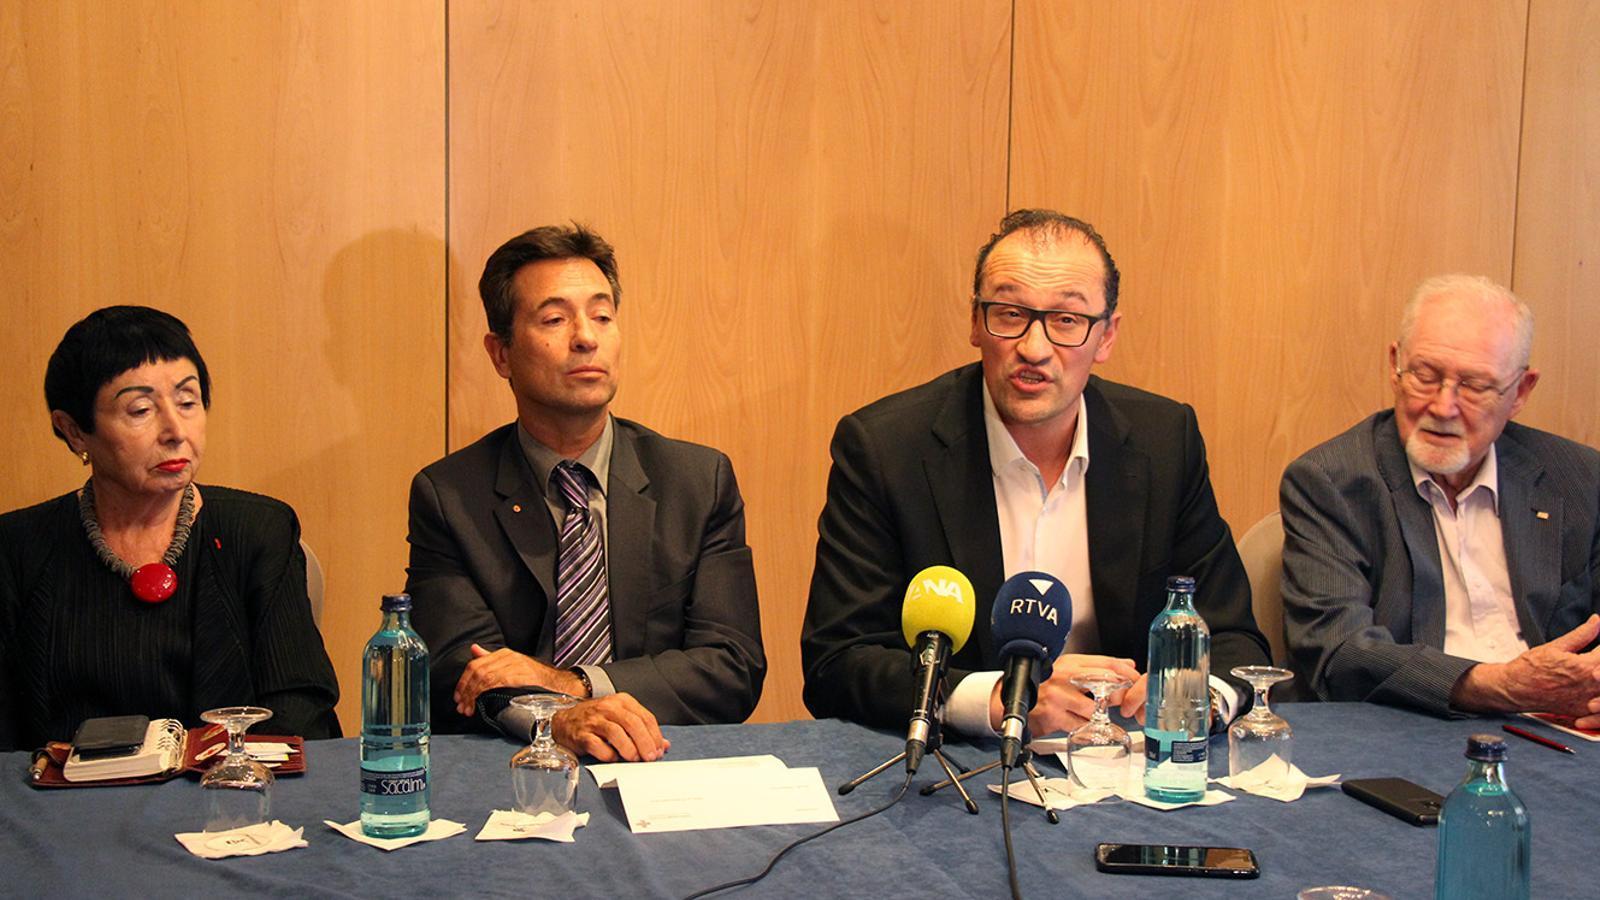 El representants de les tres entitats expliquen l'acord. / C. F. (ANA)